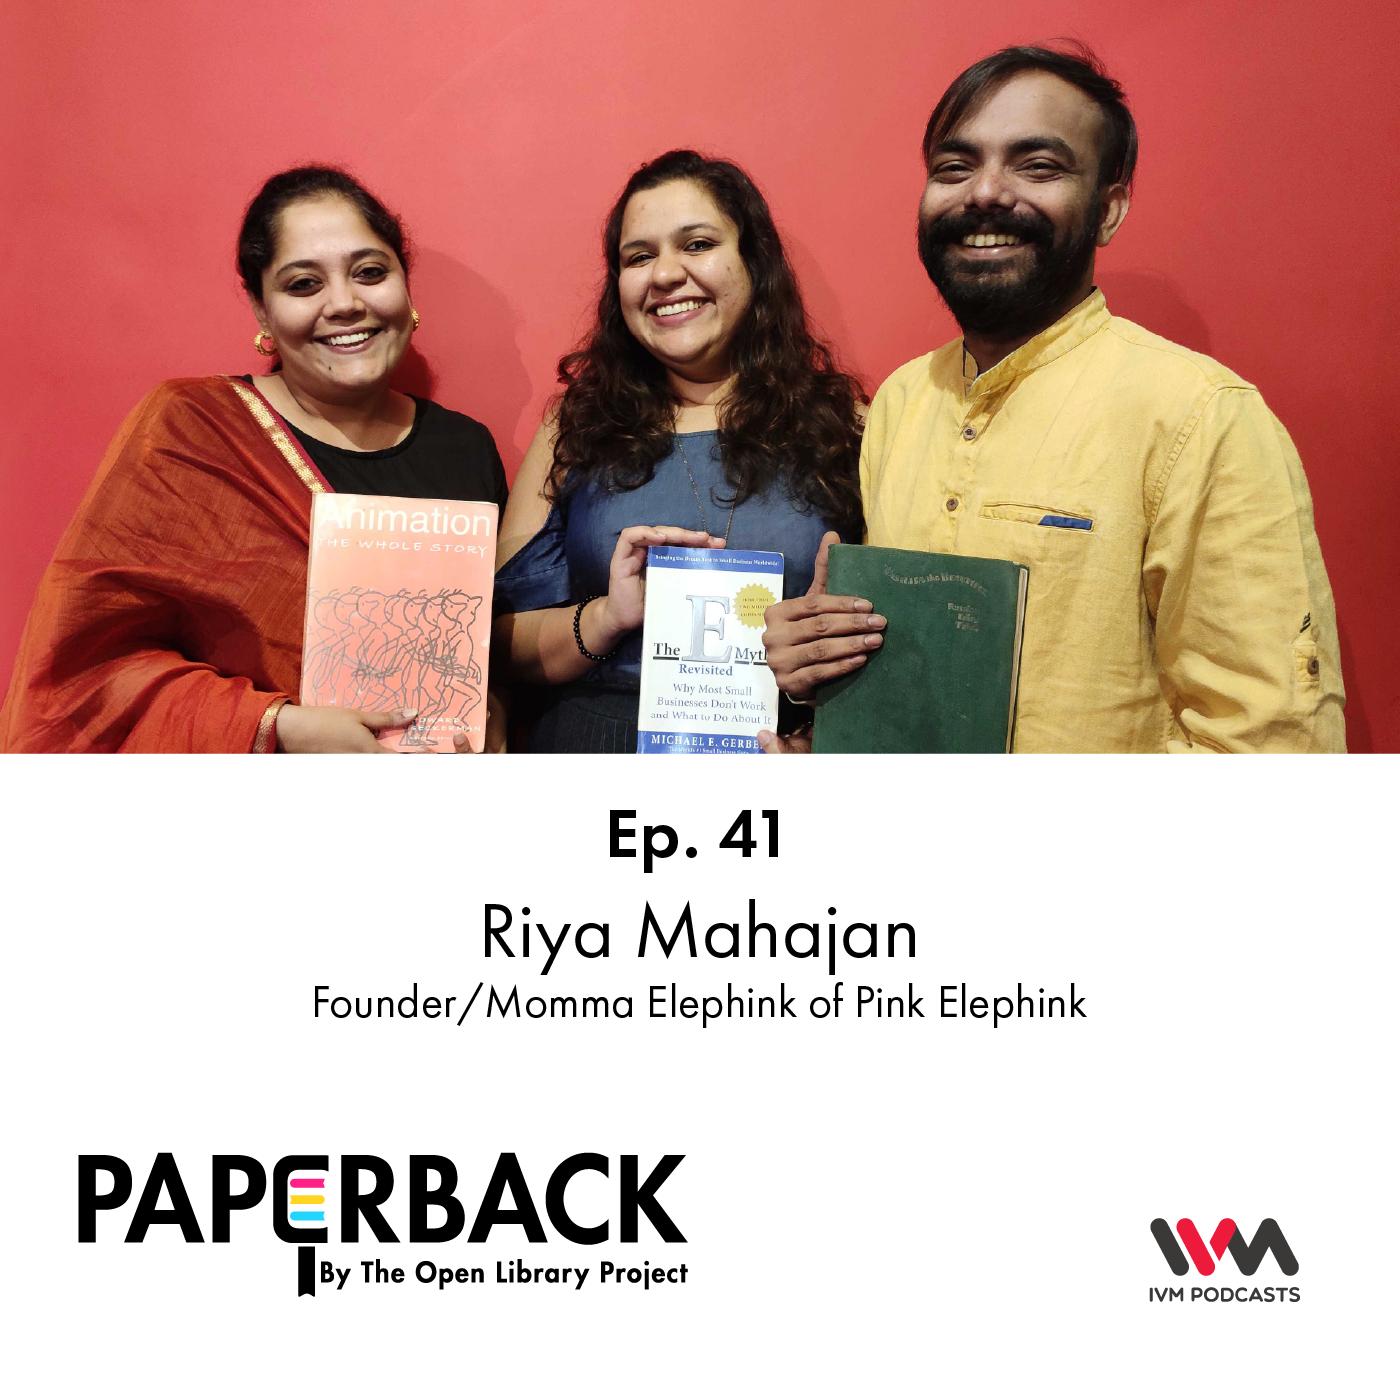 Ep. 41: Riya Mahajan